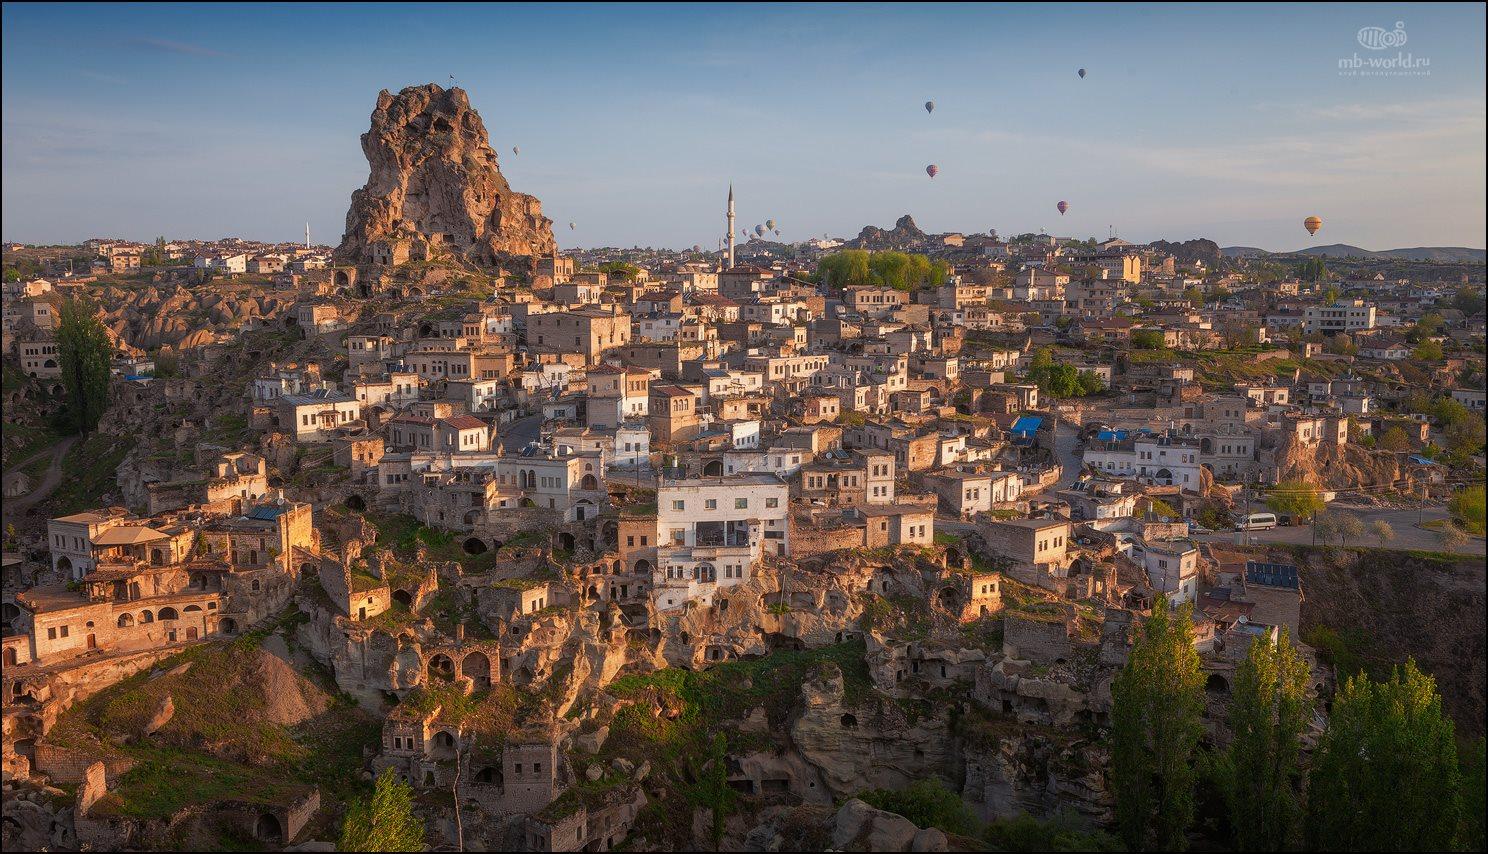 Турция, Каппадокия, пейзаж, рассвет, путешествия, , Михаил Воробьев